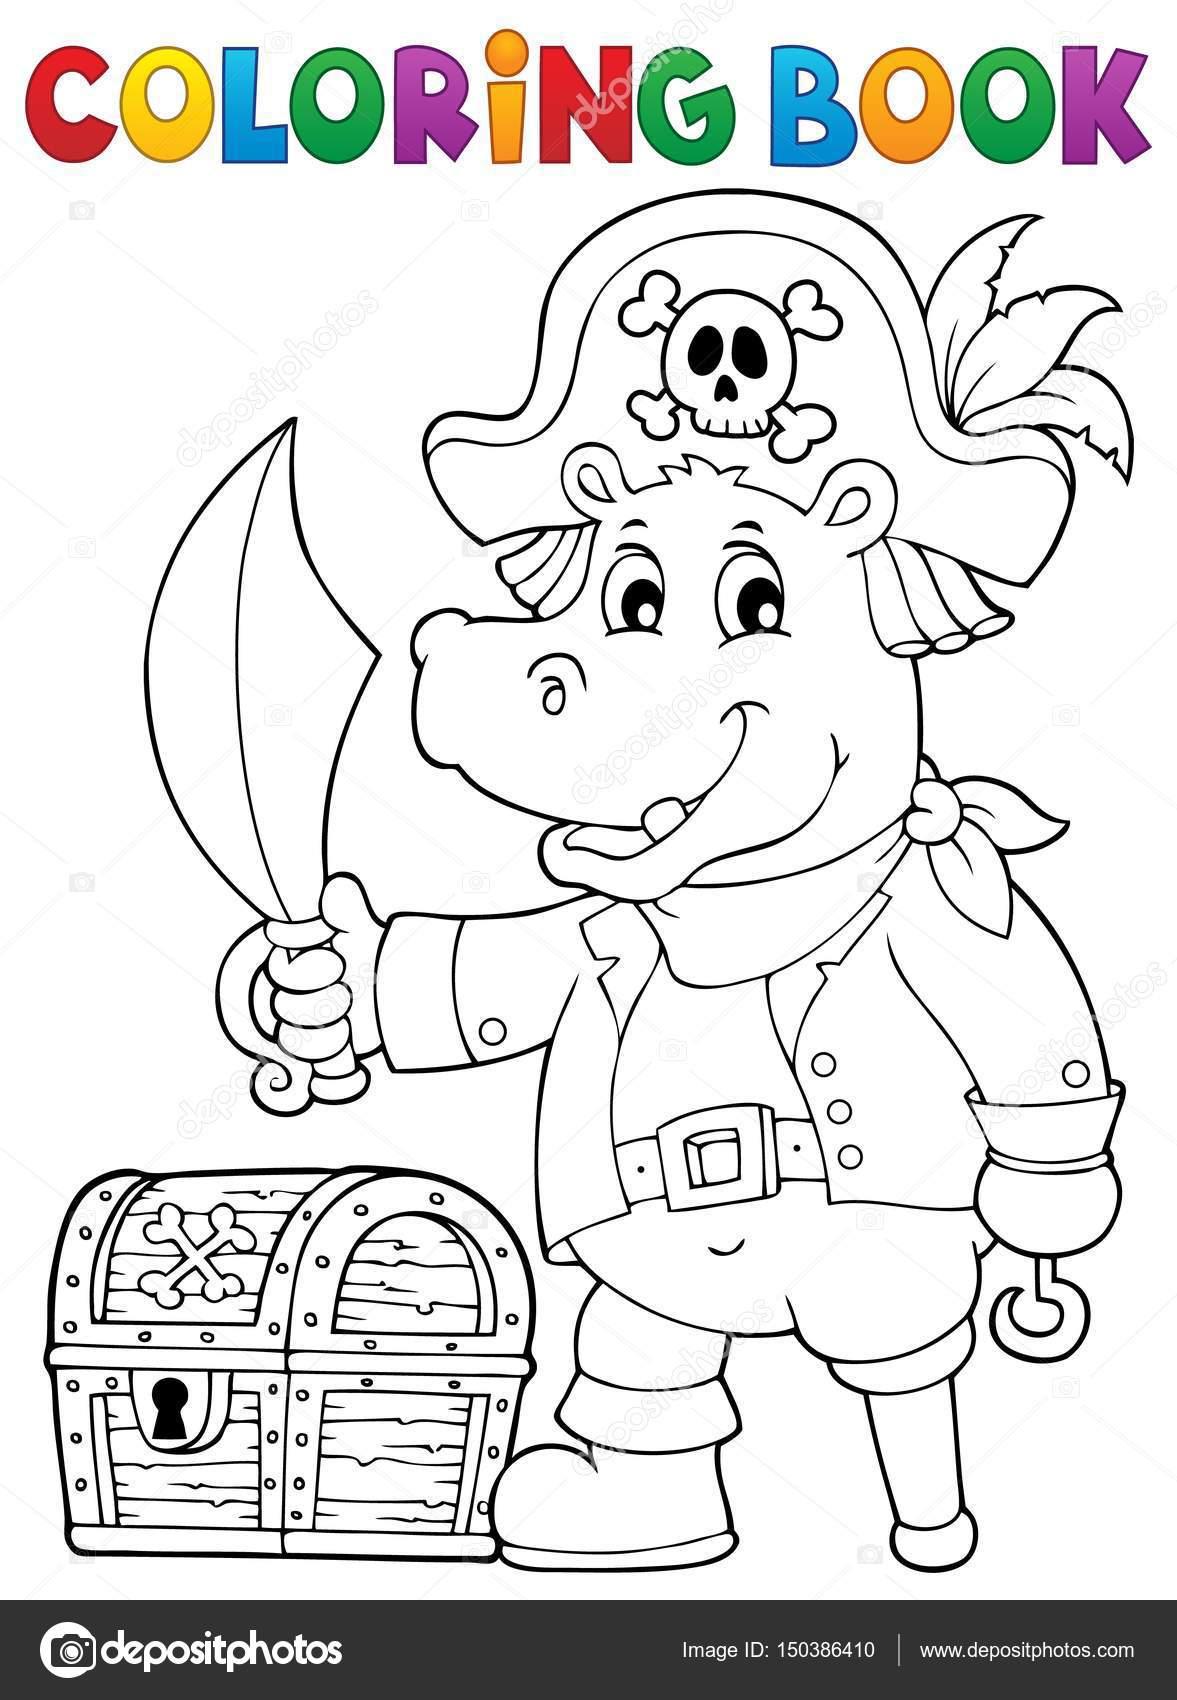 Malvorlagen Piraten Nilpferd Bild 1 — Stockvektor © clairev #150386410